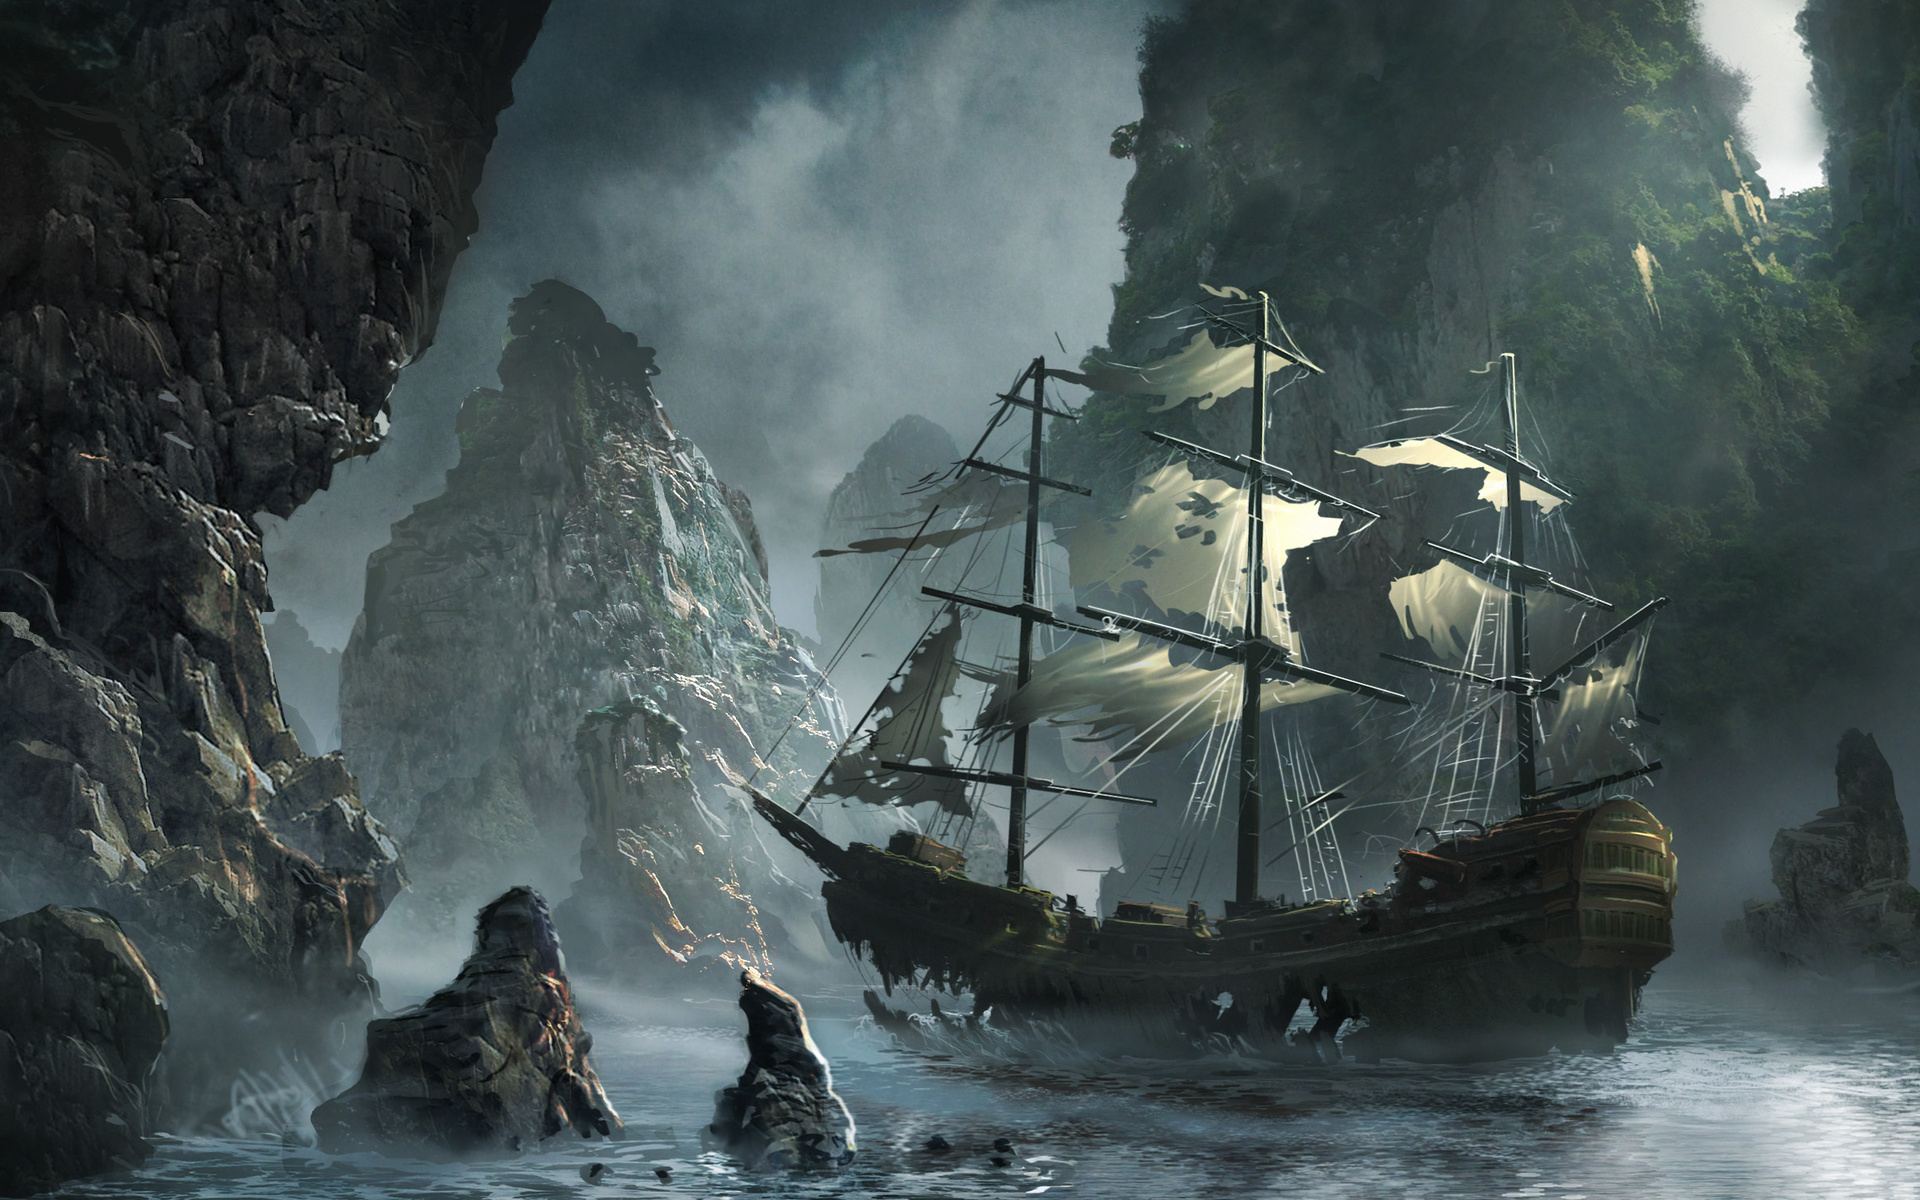 Картинки пиратских кораблей